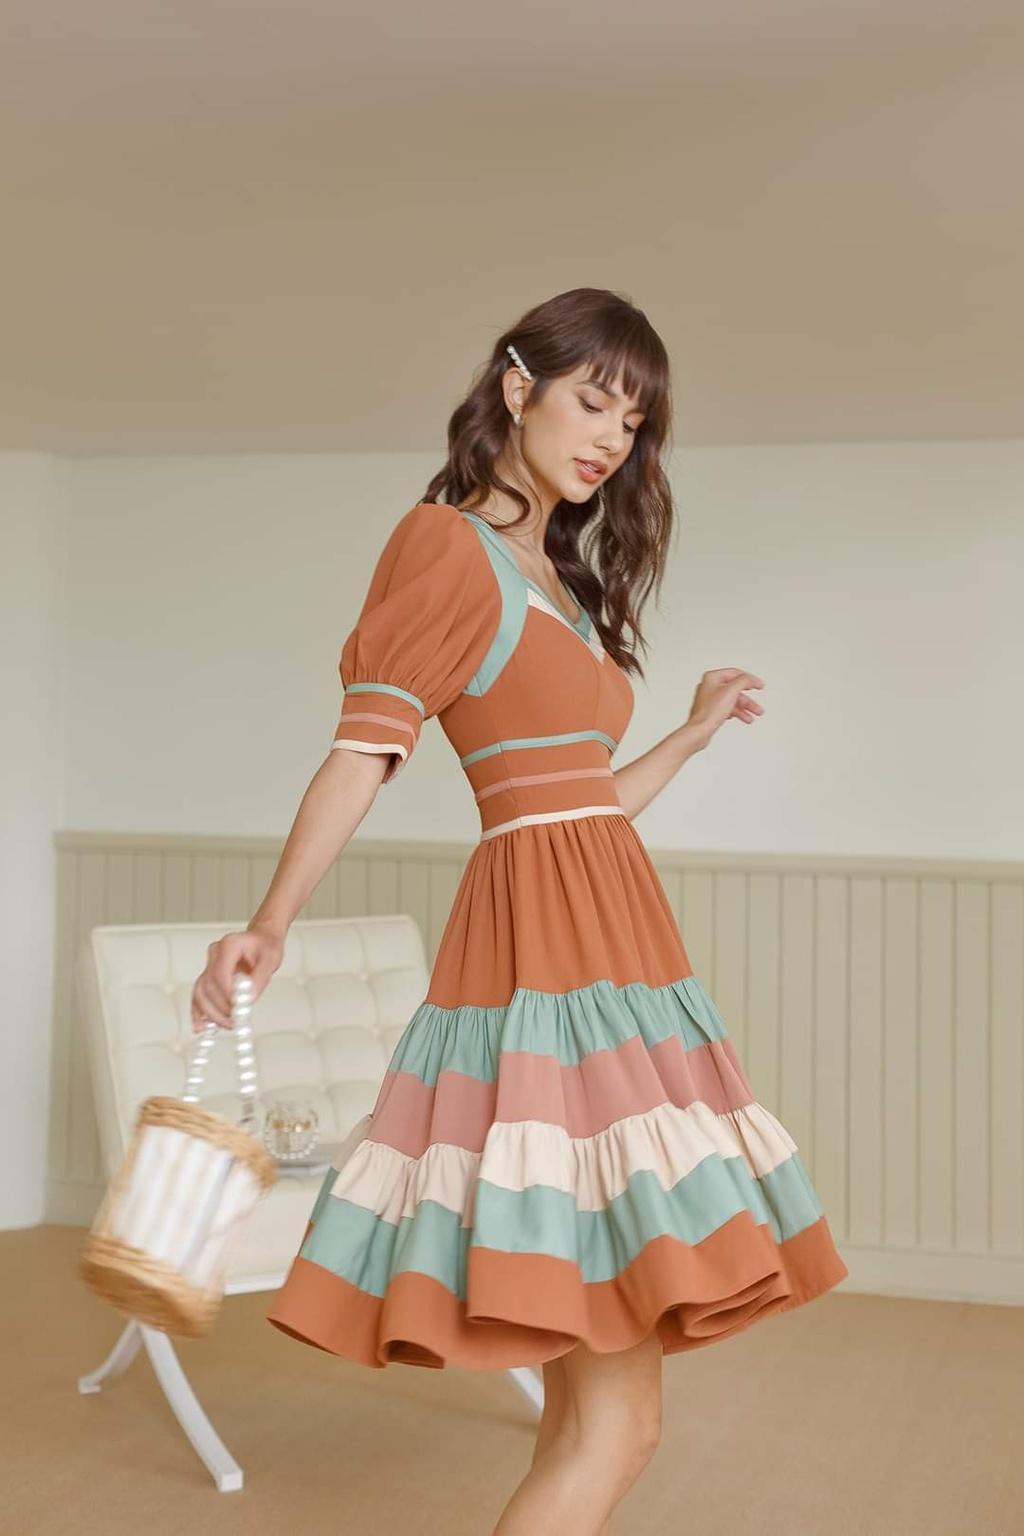 Vintage là xu hướng thời trang bền bỉ có sức quyến rũ trường tồn với phái  đẹp   Thời trang 24/7   Thời trang trẻ   Thanh Niên